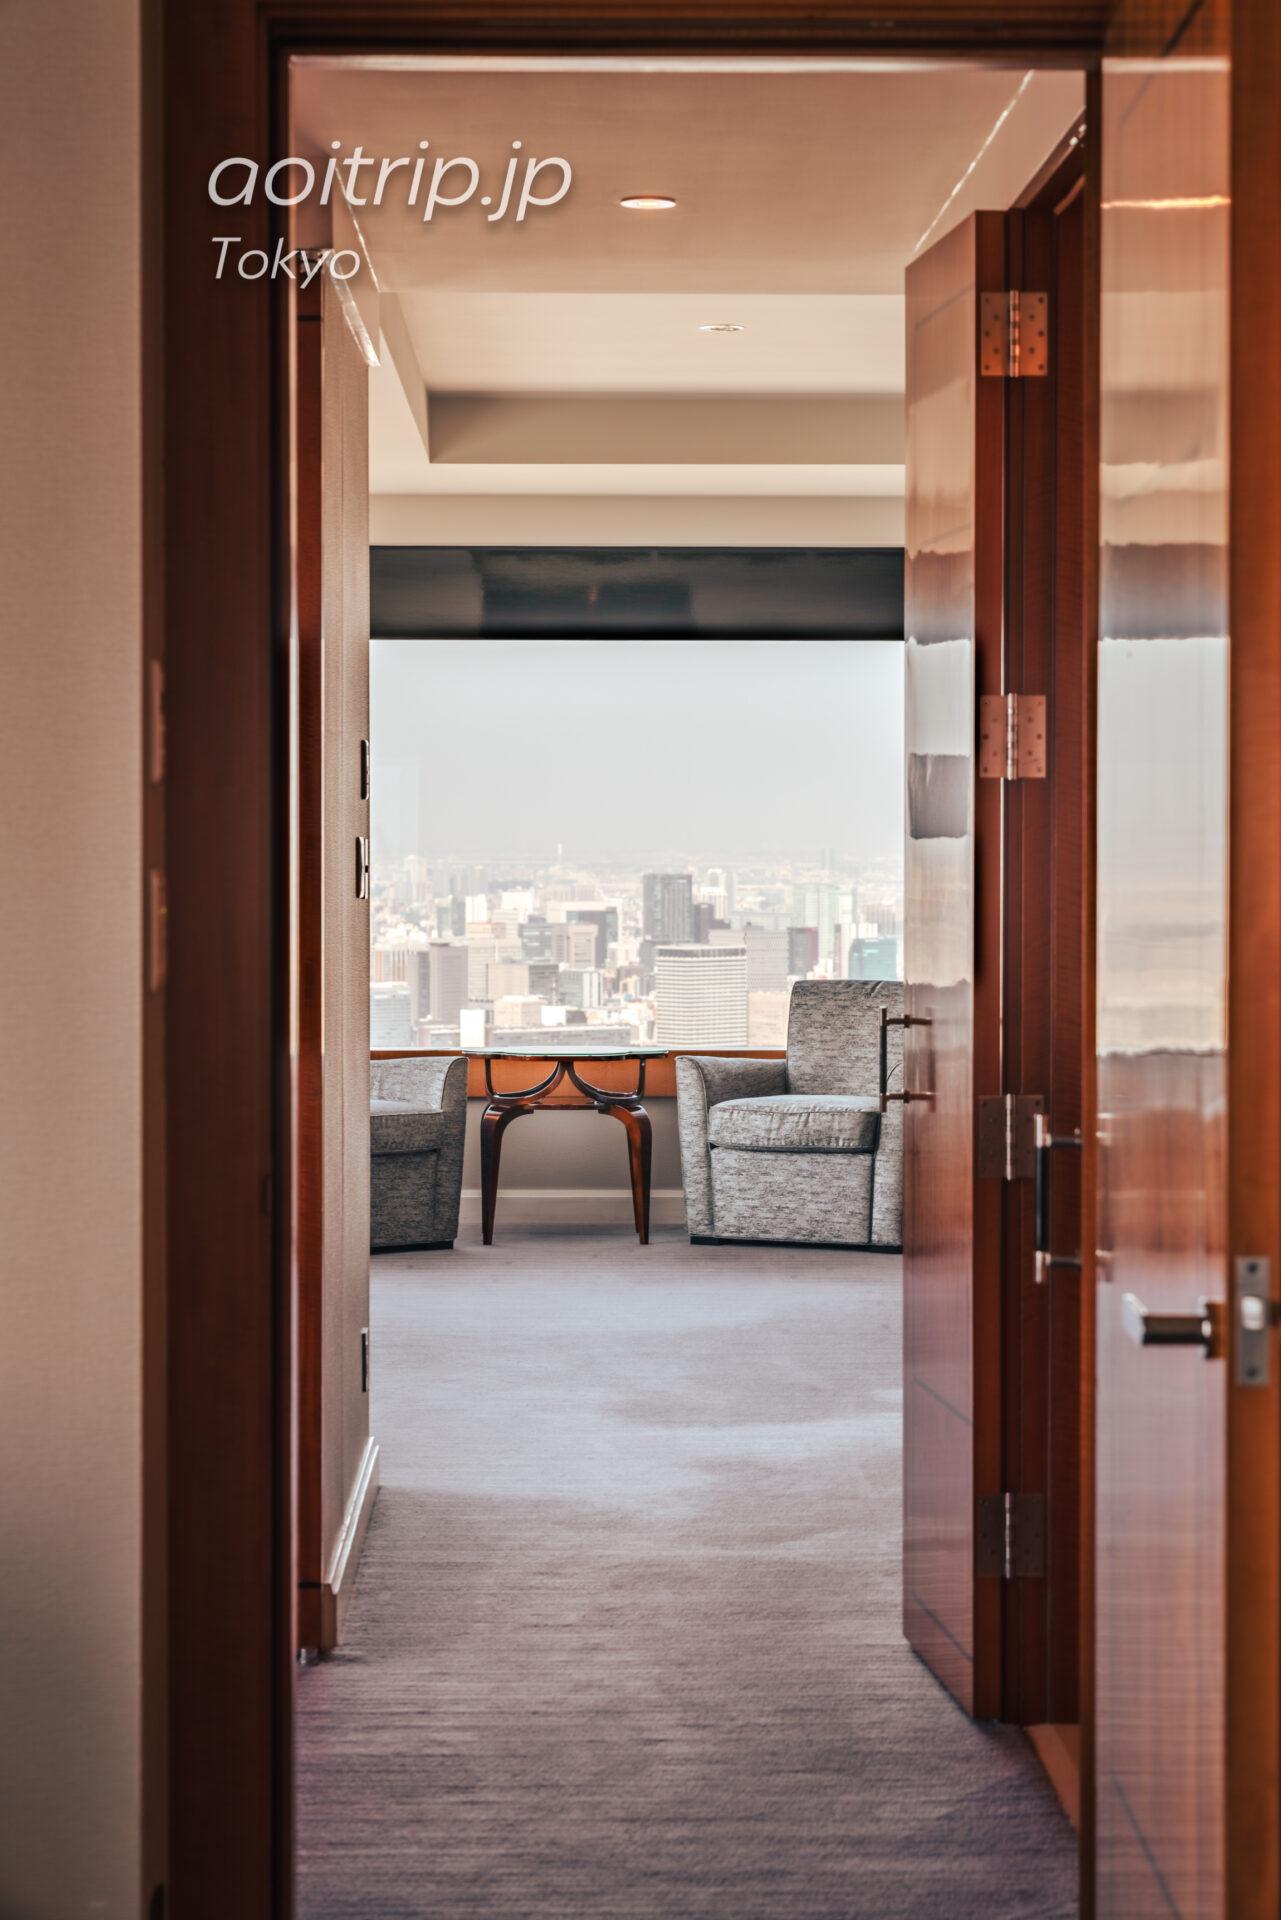 ザ リッツ カールトン東京 スイートルームの客室 カールトンスイート